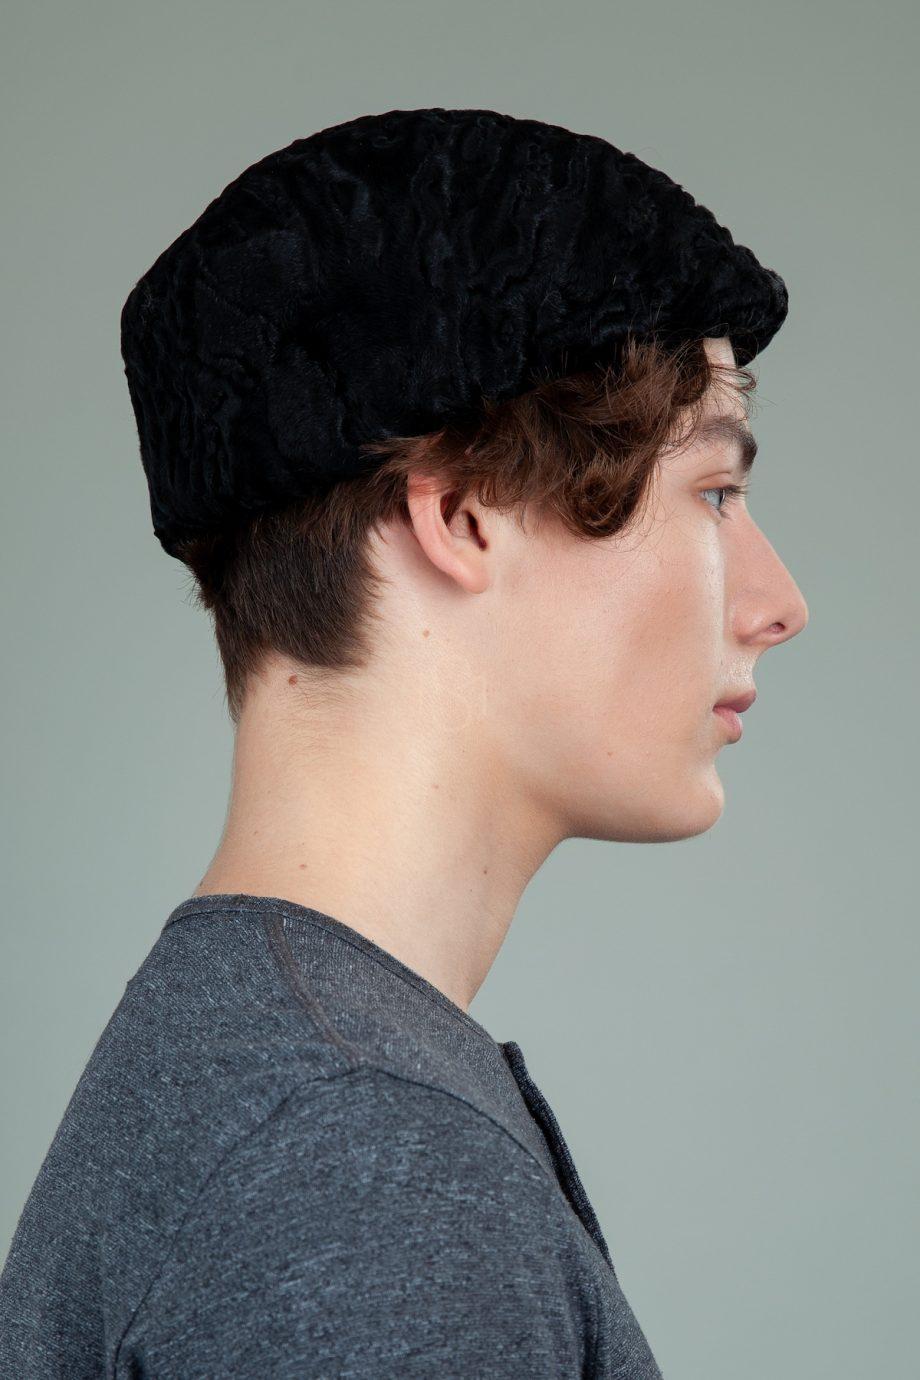 juoda karakulio kepure su snapeliu